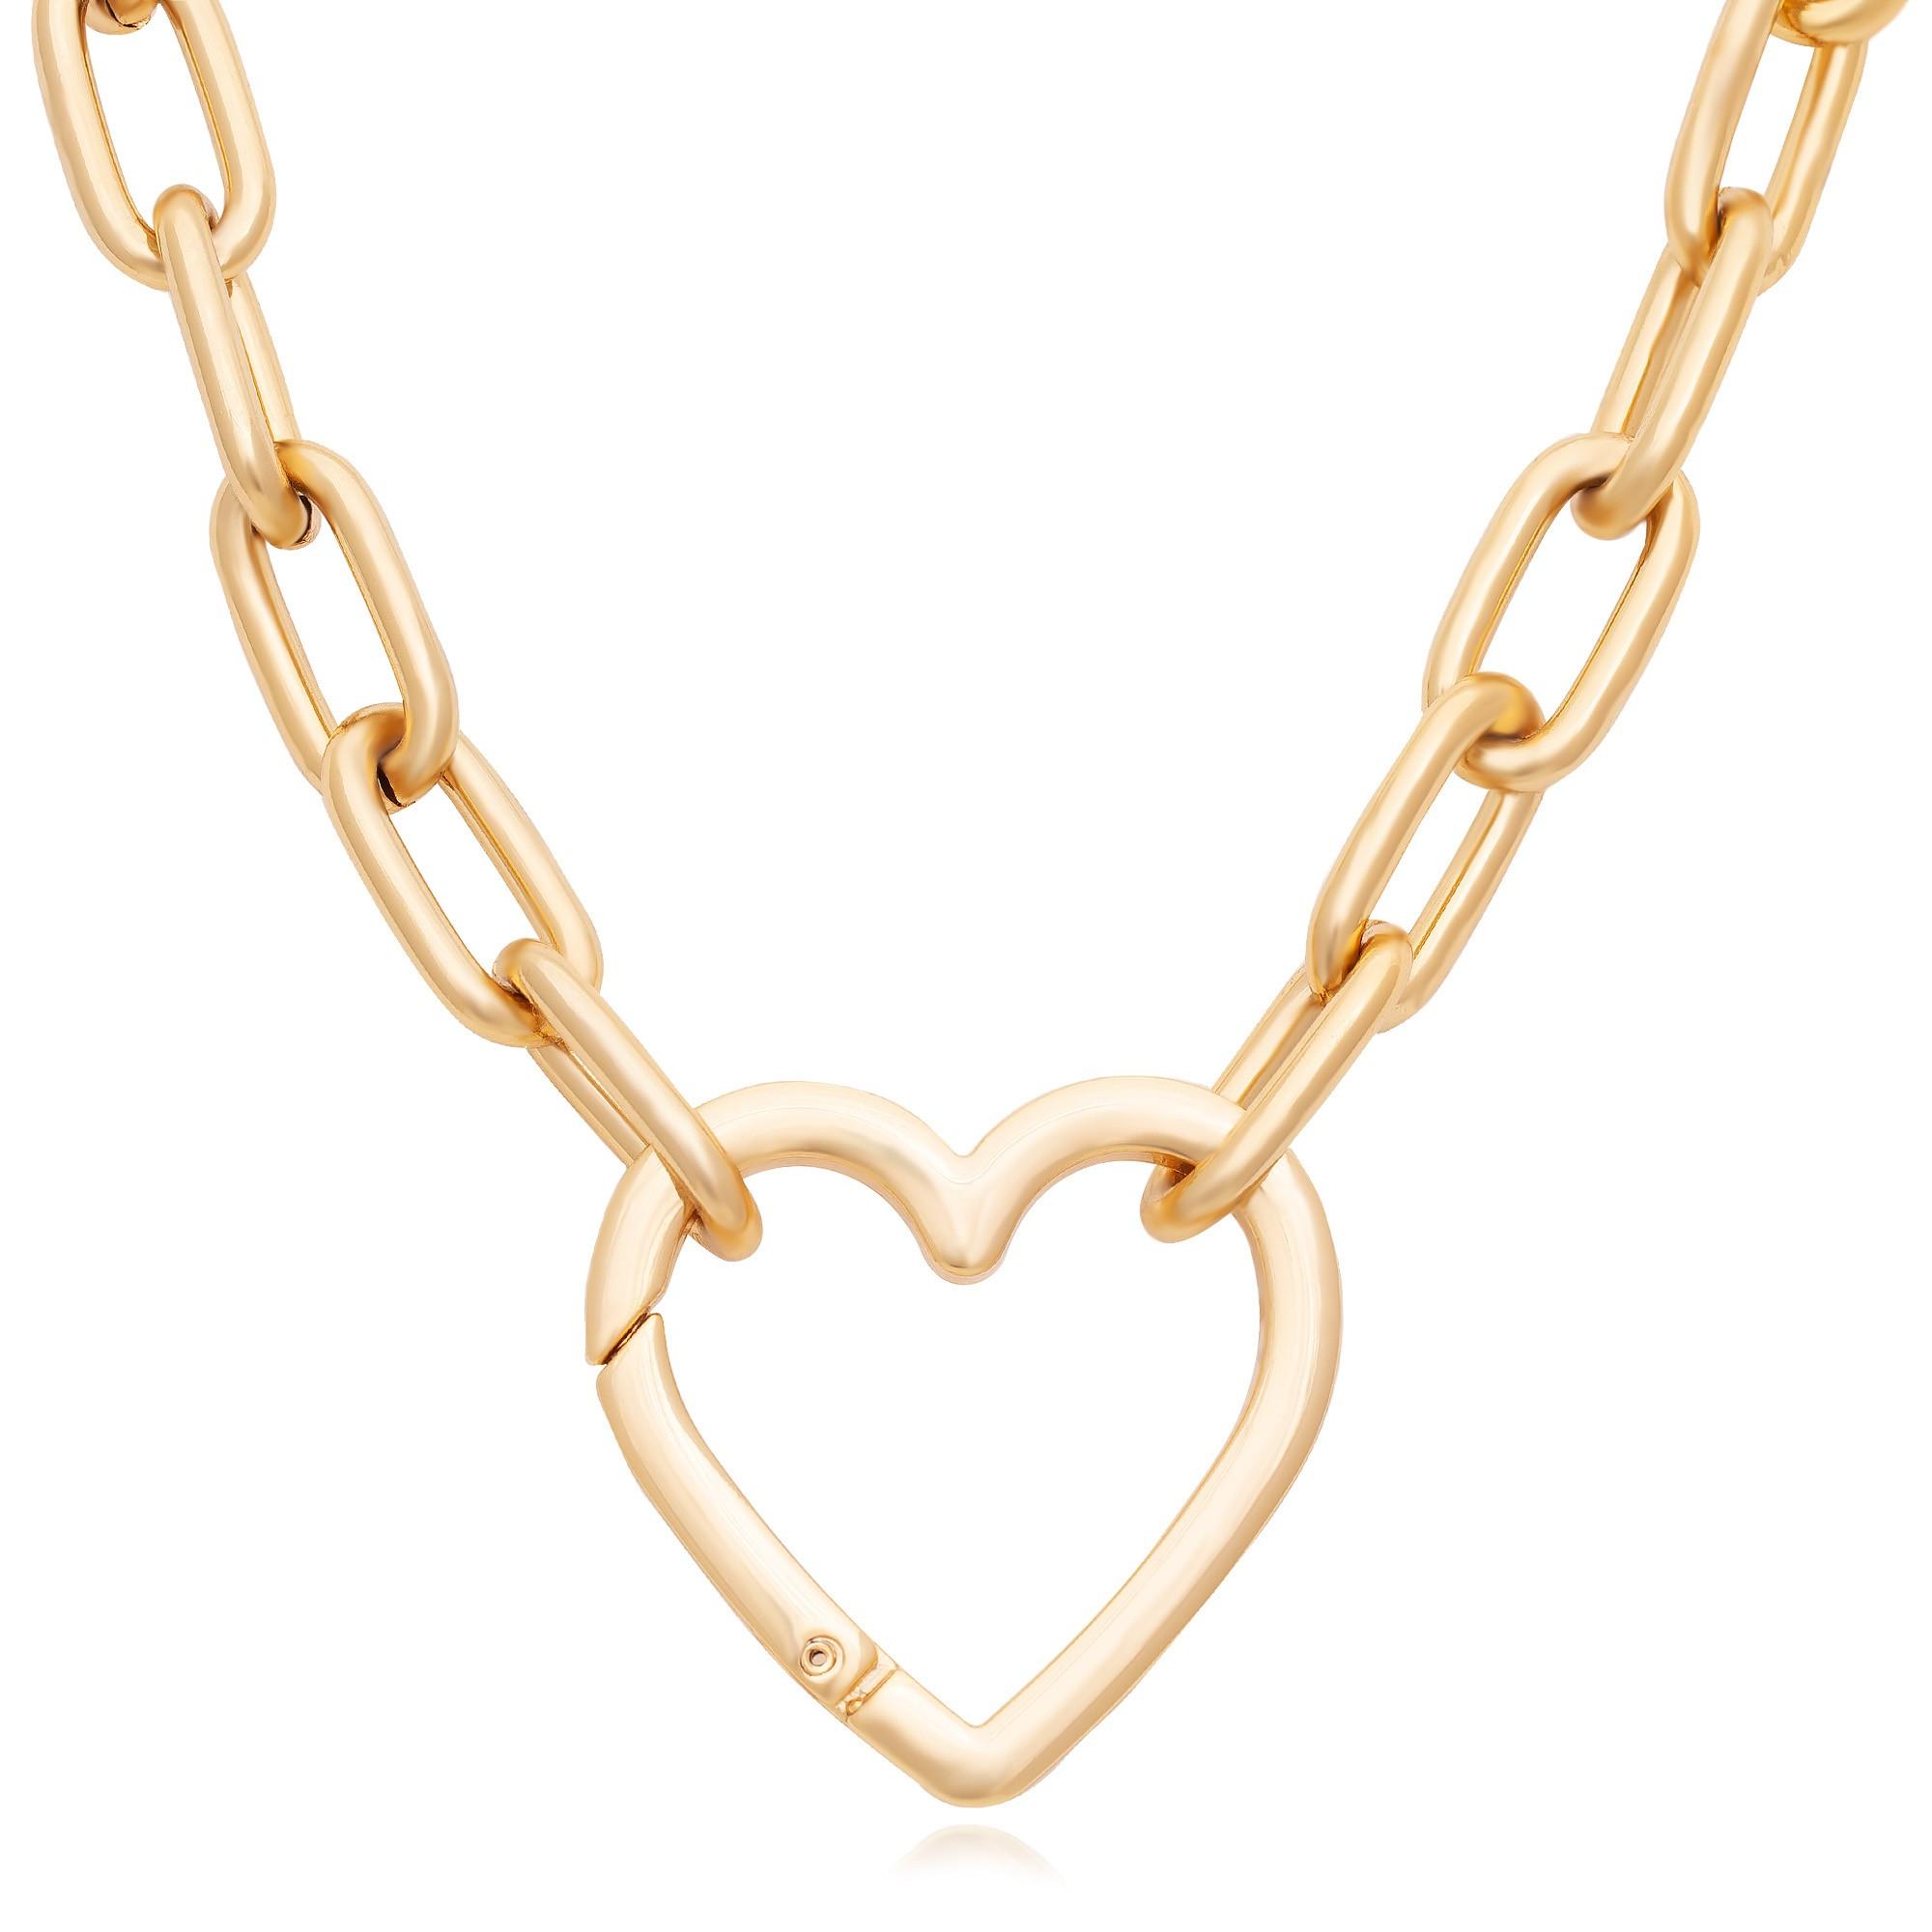 Colar com fecho de coração verniz dourado  - romabrazil.com.br